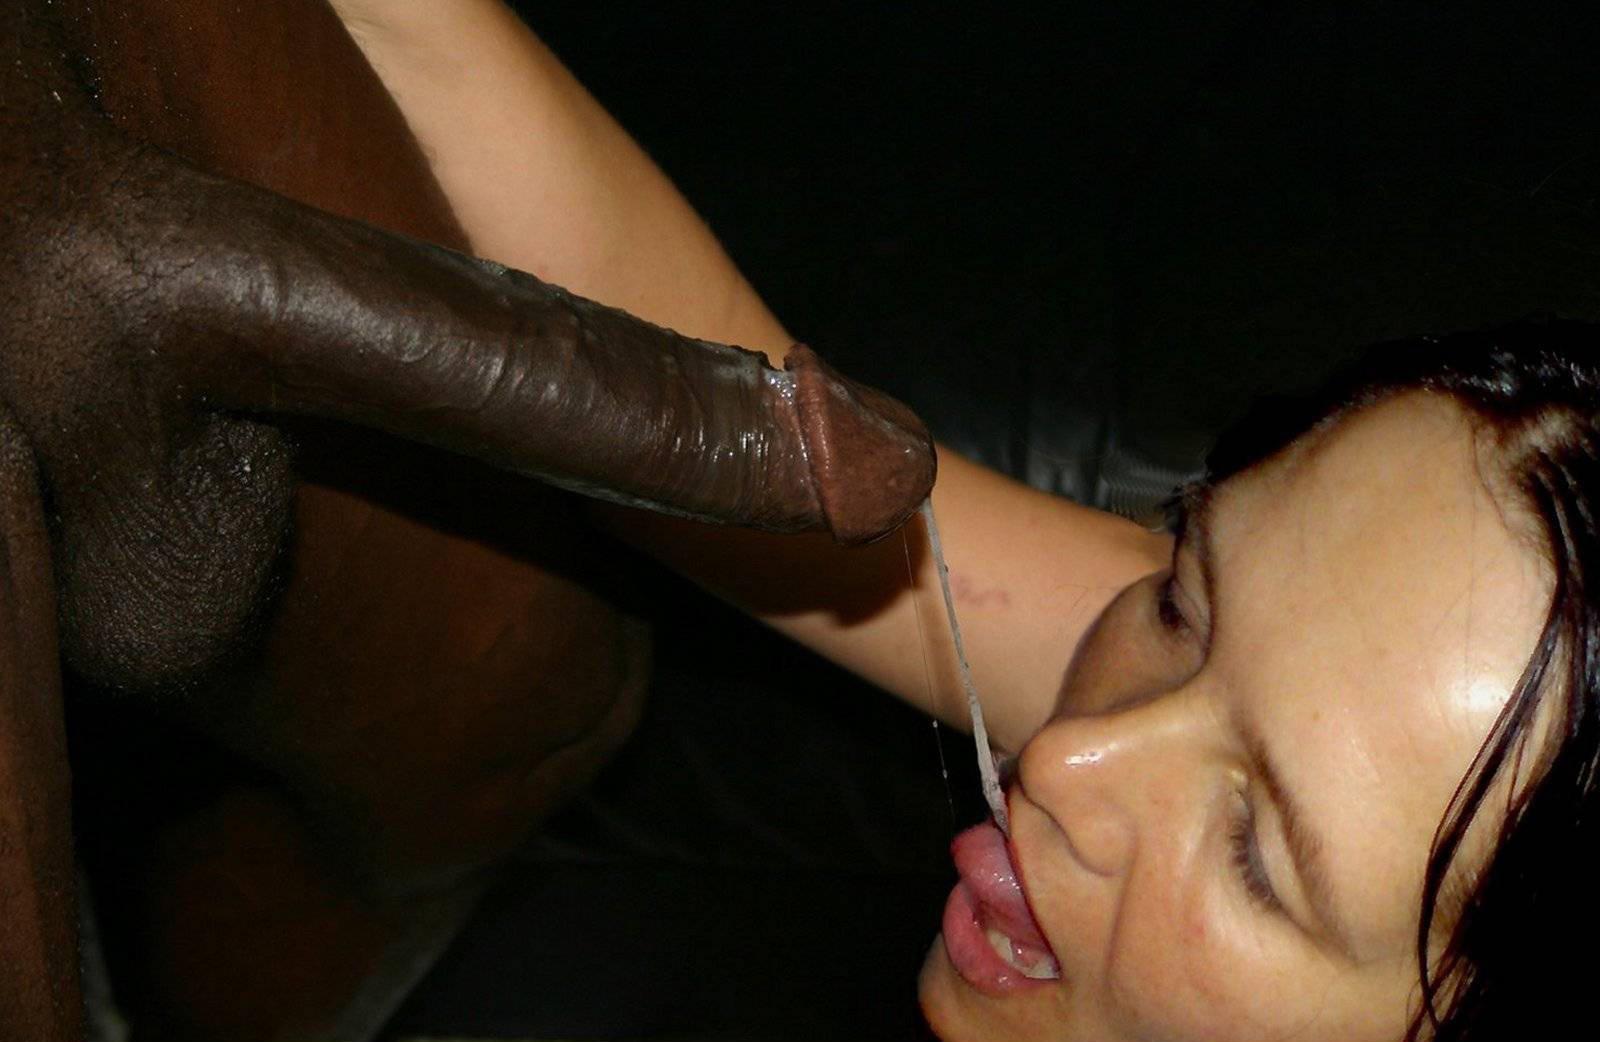 tolstiy-huy-v-sperme